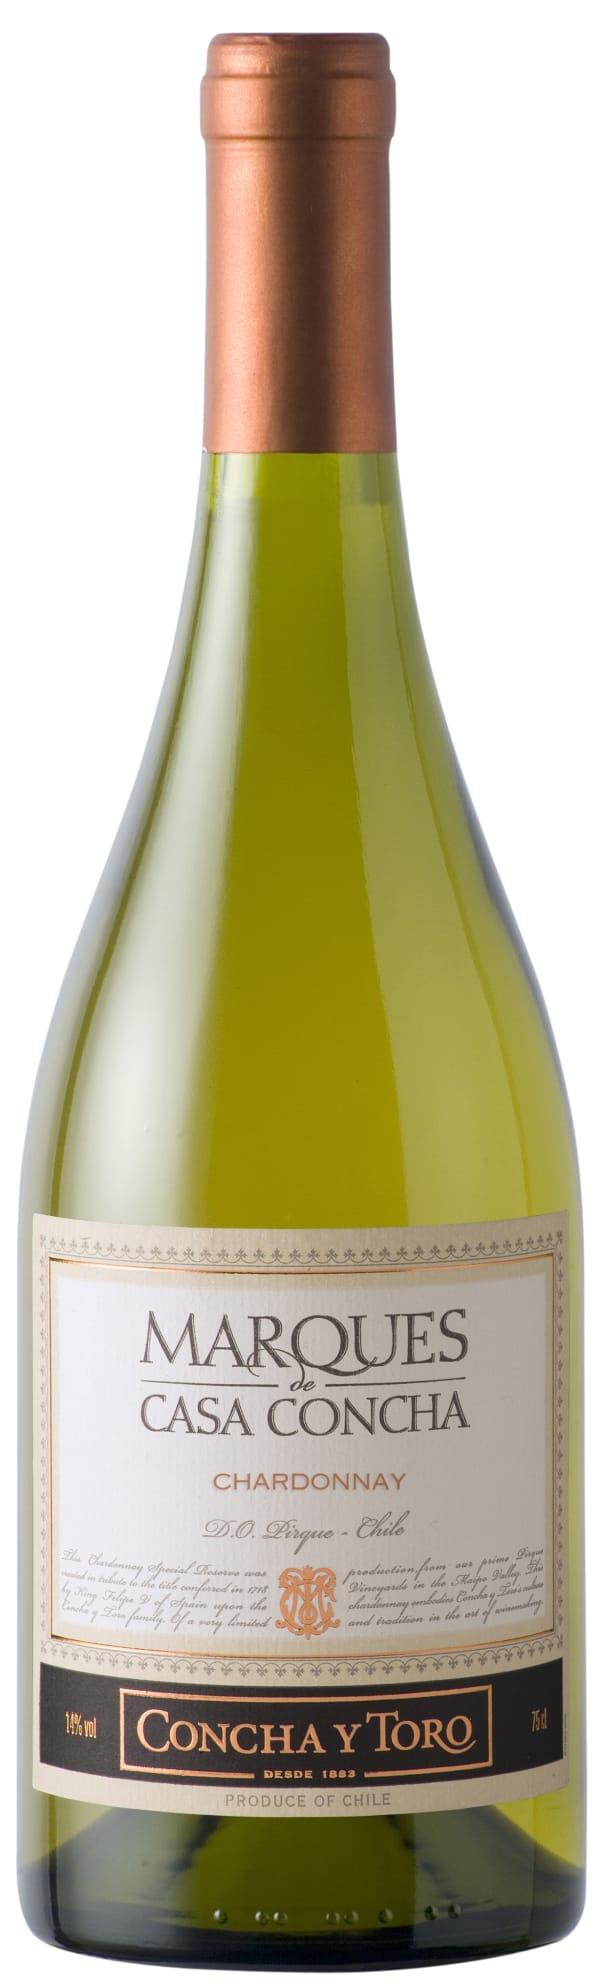 Marques de Casa Concha Chardonnay 2014